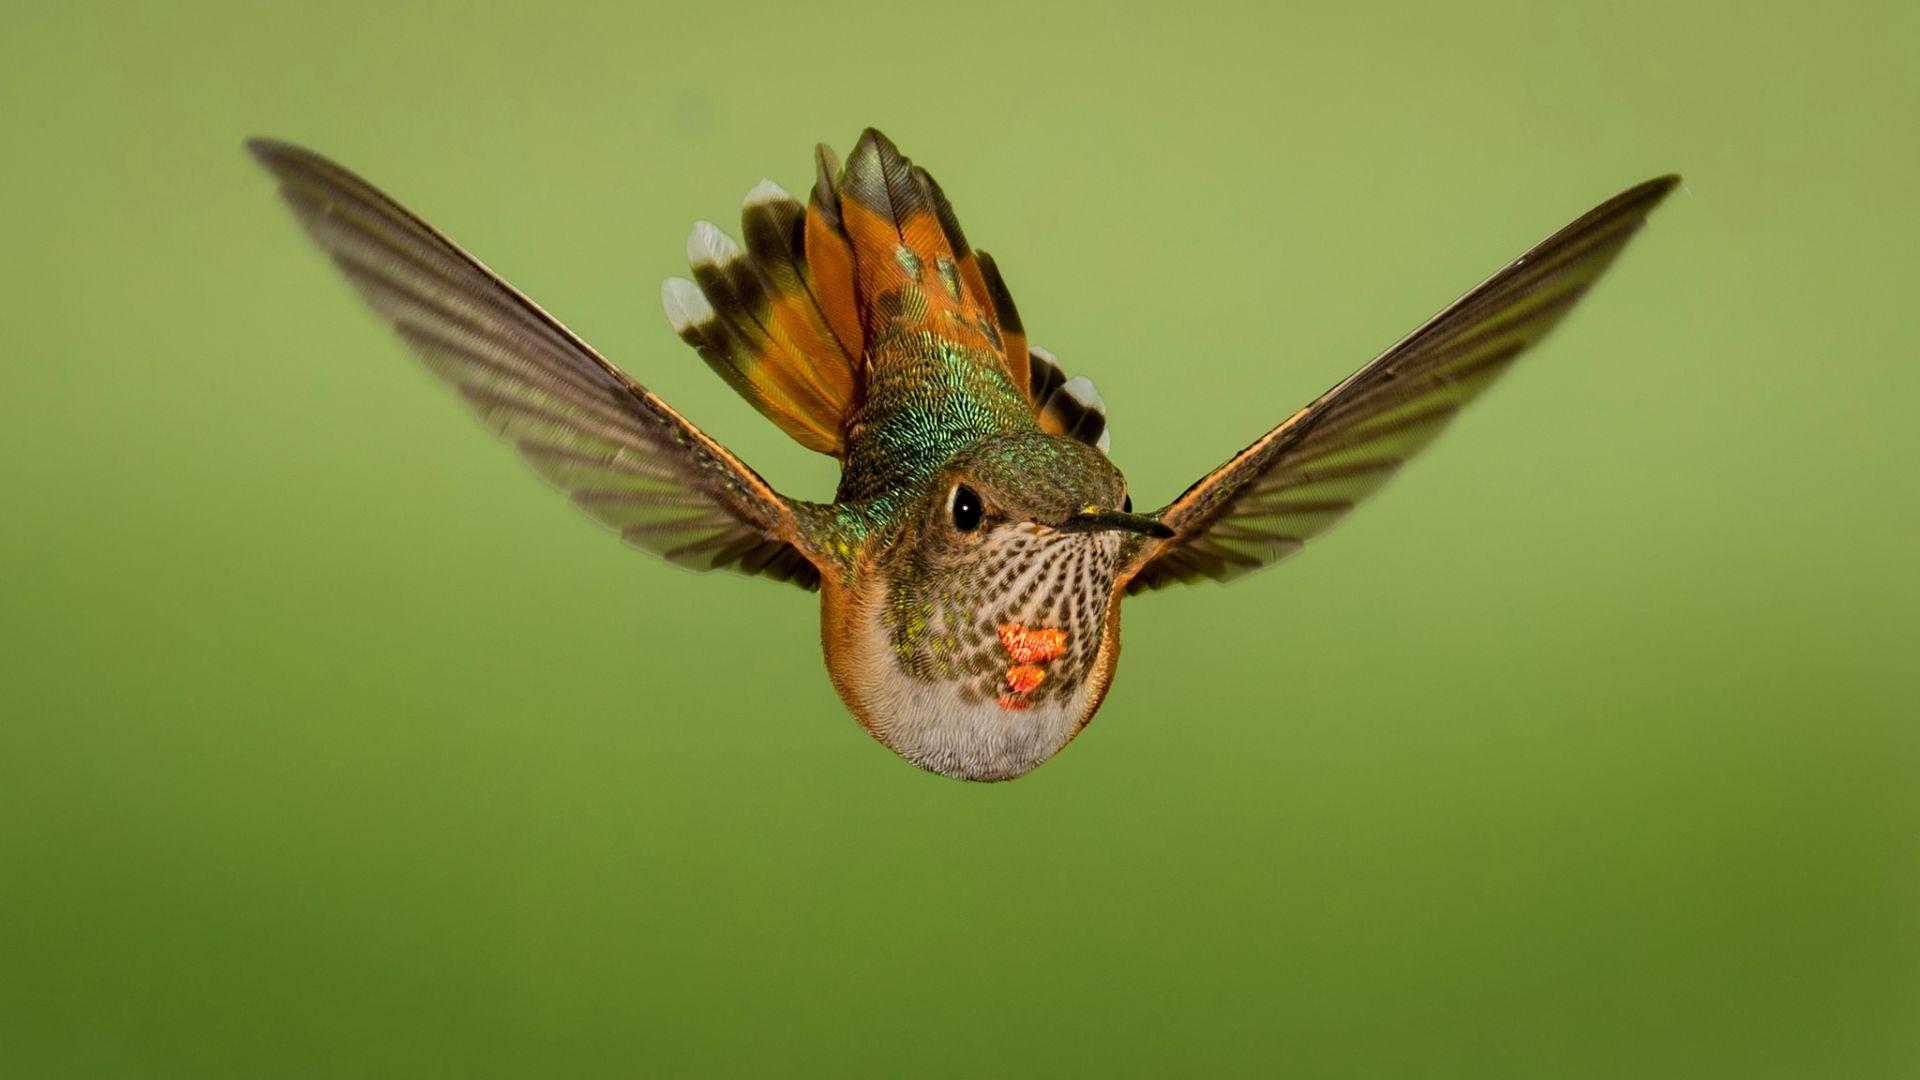 Wallpaper Flight, close up, hummingbird